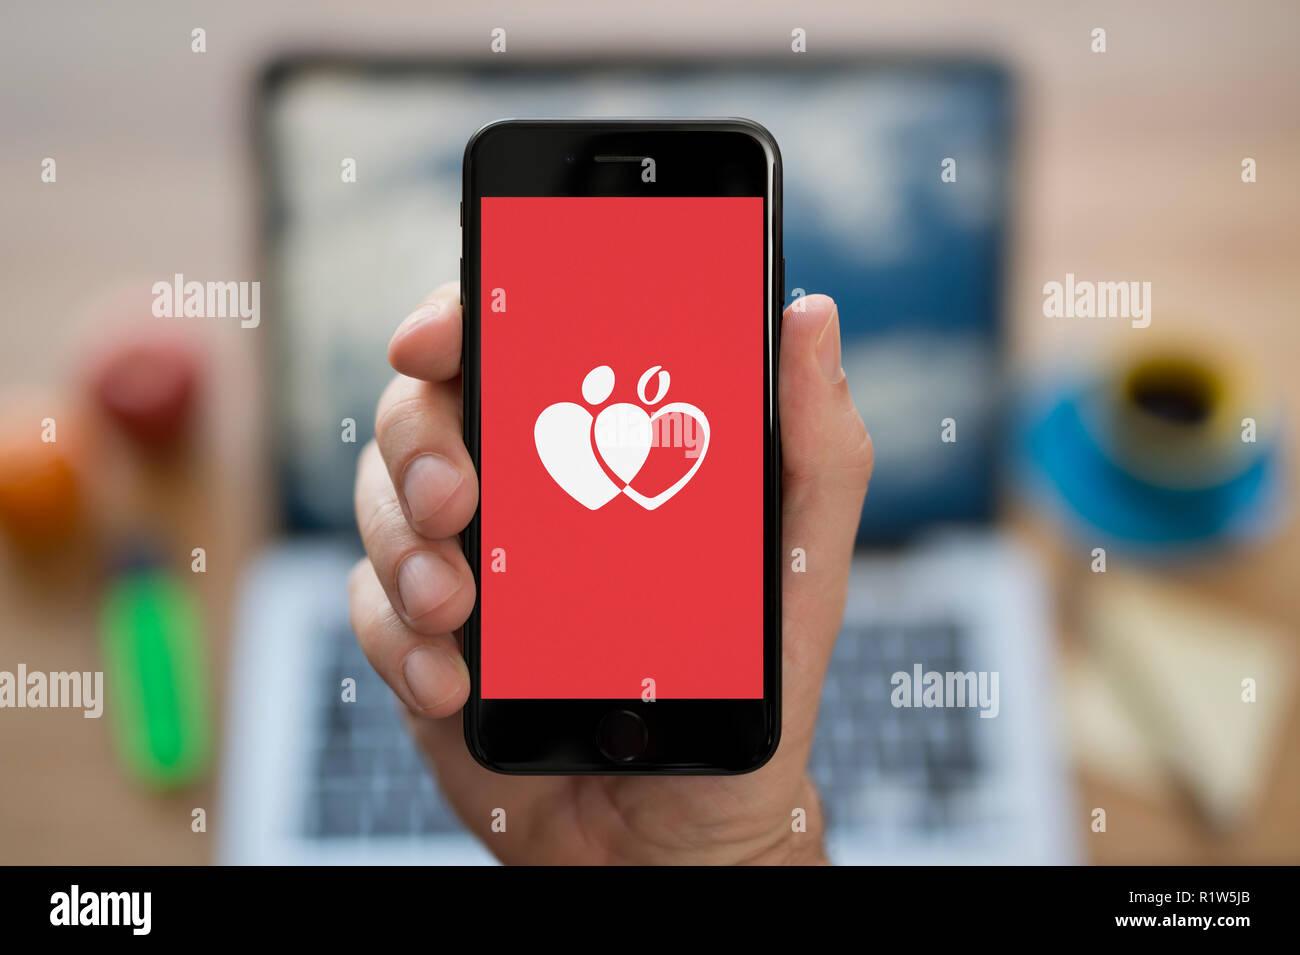 Ein Mann schaut auf seinem iPhone die zeigt die geben Blut logo, während saß an seinem Computer Schreibtisch (nur redaktionelle Nutzung). Stockbild